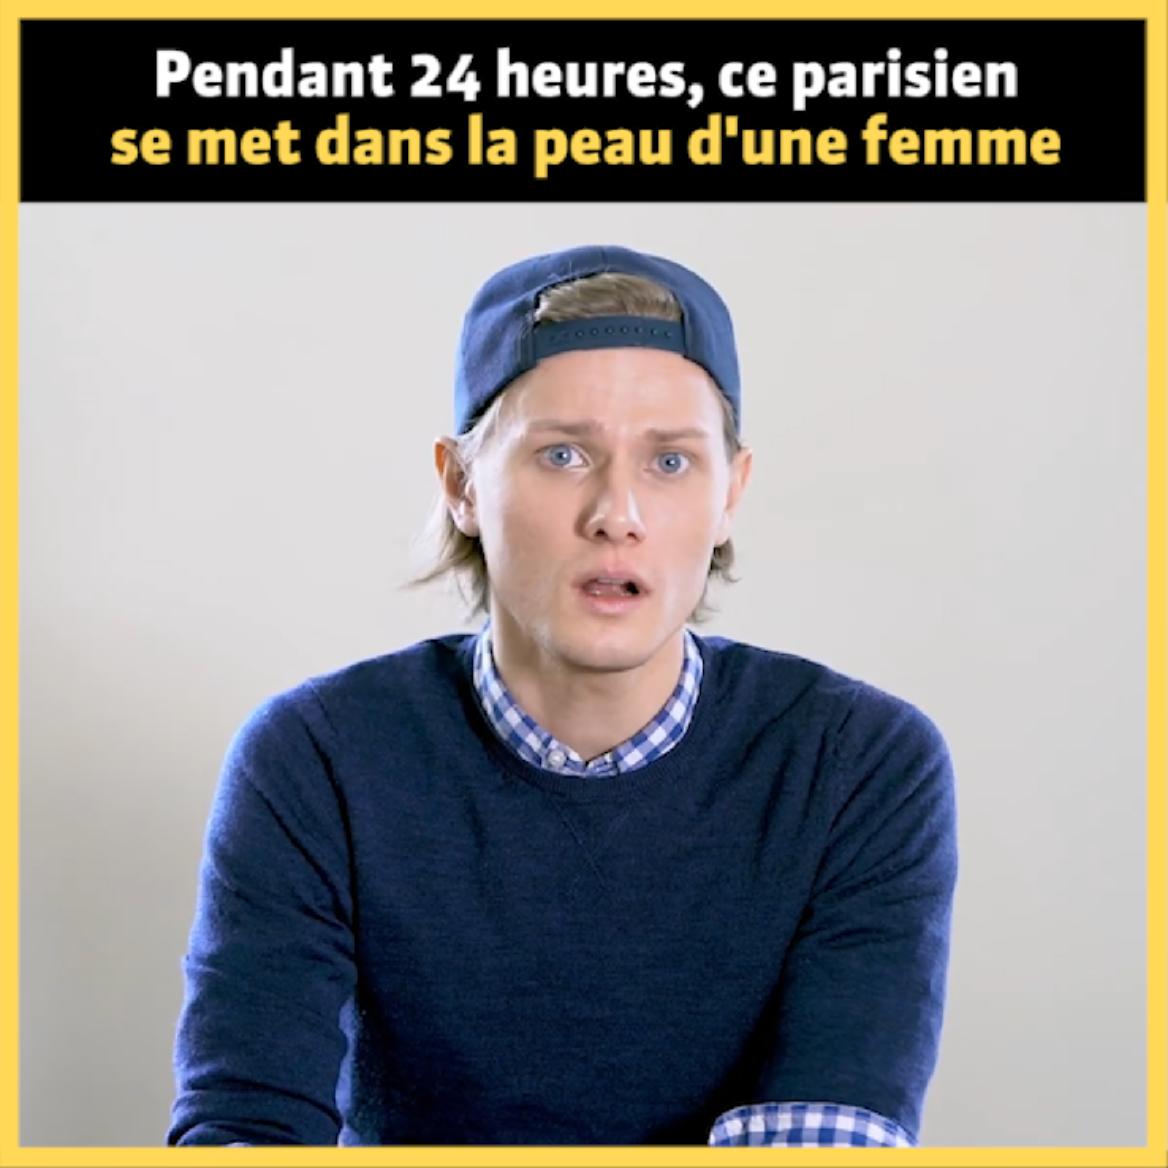 À Paris, cette expérience sociale met en scène un jeune homme dans la peau d'une femme pour dénoncer le harcèlement de rue. Une initiative choc imaginée par l'organisation Ni Putes Ni Soumises.